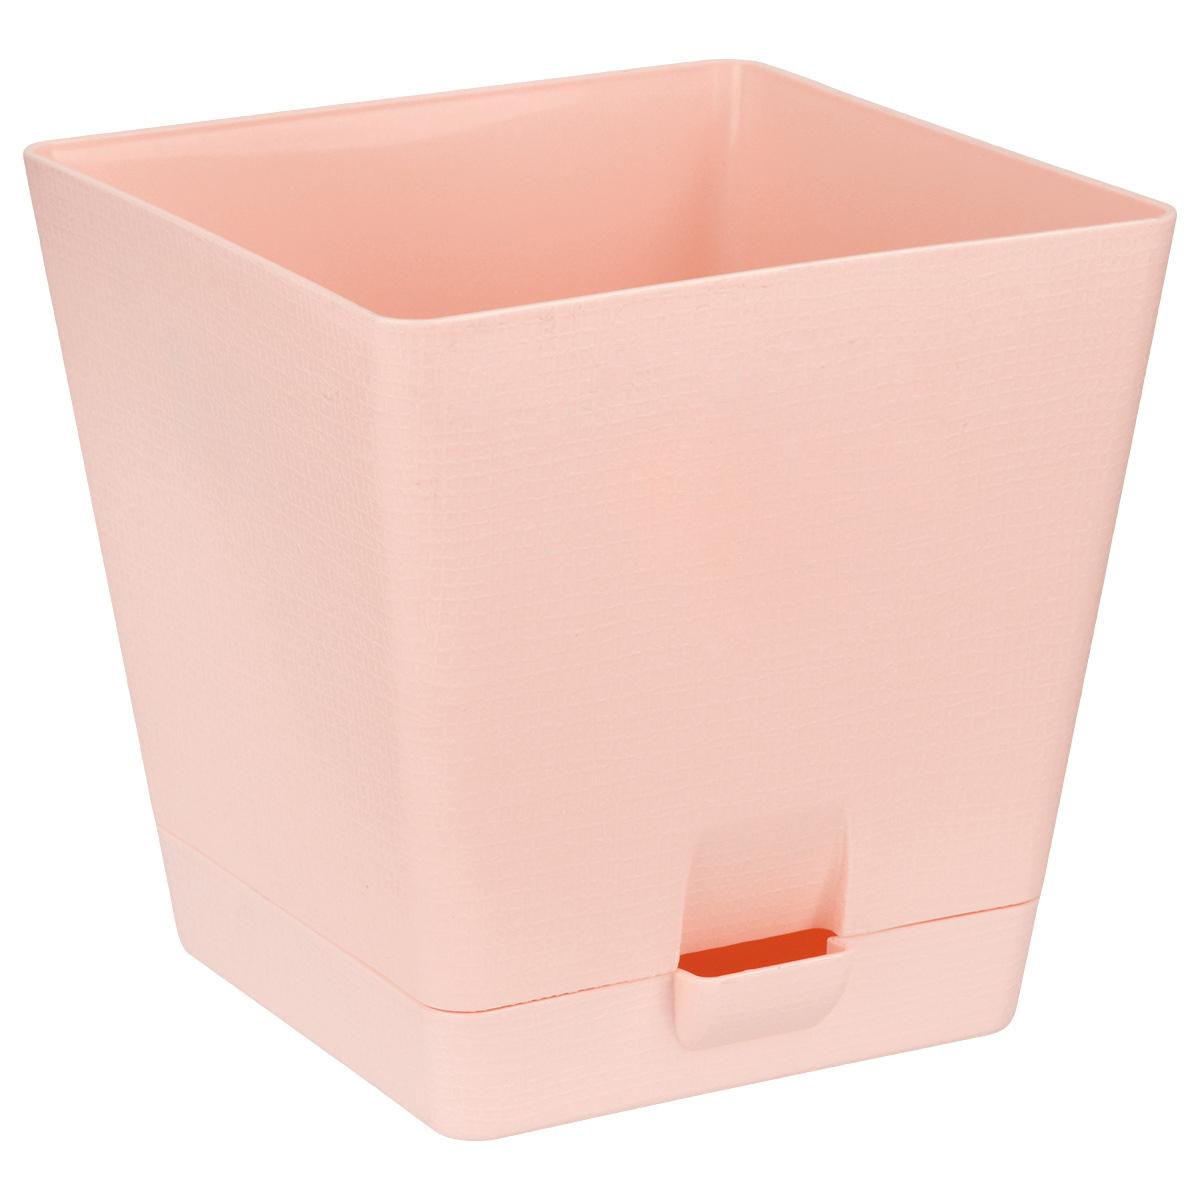 Горшок для цветов Le Parterre, с поддоном, цвет: розовый, 2 лZ-0307Любой, даже самый современный и продуманный интерьер будет не завершённым без растений. Они не только очищают воздух и насыщают его кислородом, но и заметно украшают окружающее пространство. Такому полезному &laquo члену семьи&raquoпросто необходимо красивое и функциональное кашпо, оригинальный горшок или необычная ваза! Мы предлагаем - Горшок для цветов с поддоном 2 л Le Parterre, d=15 см, квадратный, цвет розовый!Оптимальный выбор материала &mdash &nbsp пластмасса! Почему мы так считаем? Малый вес. С лёгкостью переносите горшки и кашпо с места на место, ставьте их на столики или полки, подвешивайте под потолок, не беспокоясь о нагрузке. Простота ухода. Пластиковые изделия не нуждаются в специальных условиях хранения. Их&nbsp легко чистить &mdashдостаточно просто сполоснуть тёплой водой. Никаких царапин. Пластиковые кашпо не царапают и не загрязняют поверхности, на которых стоят. Пластик дольше хранит влагу, а значит &mdashрастение реже нуждается в поливе. Пластмасса не пропускает воздух &mdashкорневой системе растения не грозят резкие перепады температур. Огромный выбор форм, декора и расцветок &mdashвы без труда подберёте что-то, что идеально впишется в уже существующий интерьер.Соблюдая нехитрые правила ухода, вы можете заметно продлить срок службы горшков, вазонов и кашпо из пластика: всегда учитывайте размер кроны и корневой системы растения (при разрастании большое растение способно повредить маленький горшок)берегите изделие от воздействия прямых солнечных лучей, чтобы кашпо и горшки не выцветалидержите кашпо и горшки из пластика подальше от нагревающихся поверхностей.Создавайте прекрасные цветочные композиции, выращивайте рассаду или необычные растения, а низкие цены позволят вам не ограничивать себя в выборе.